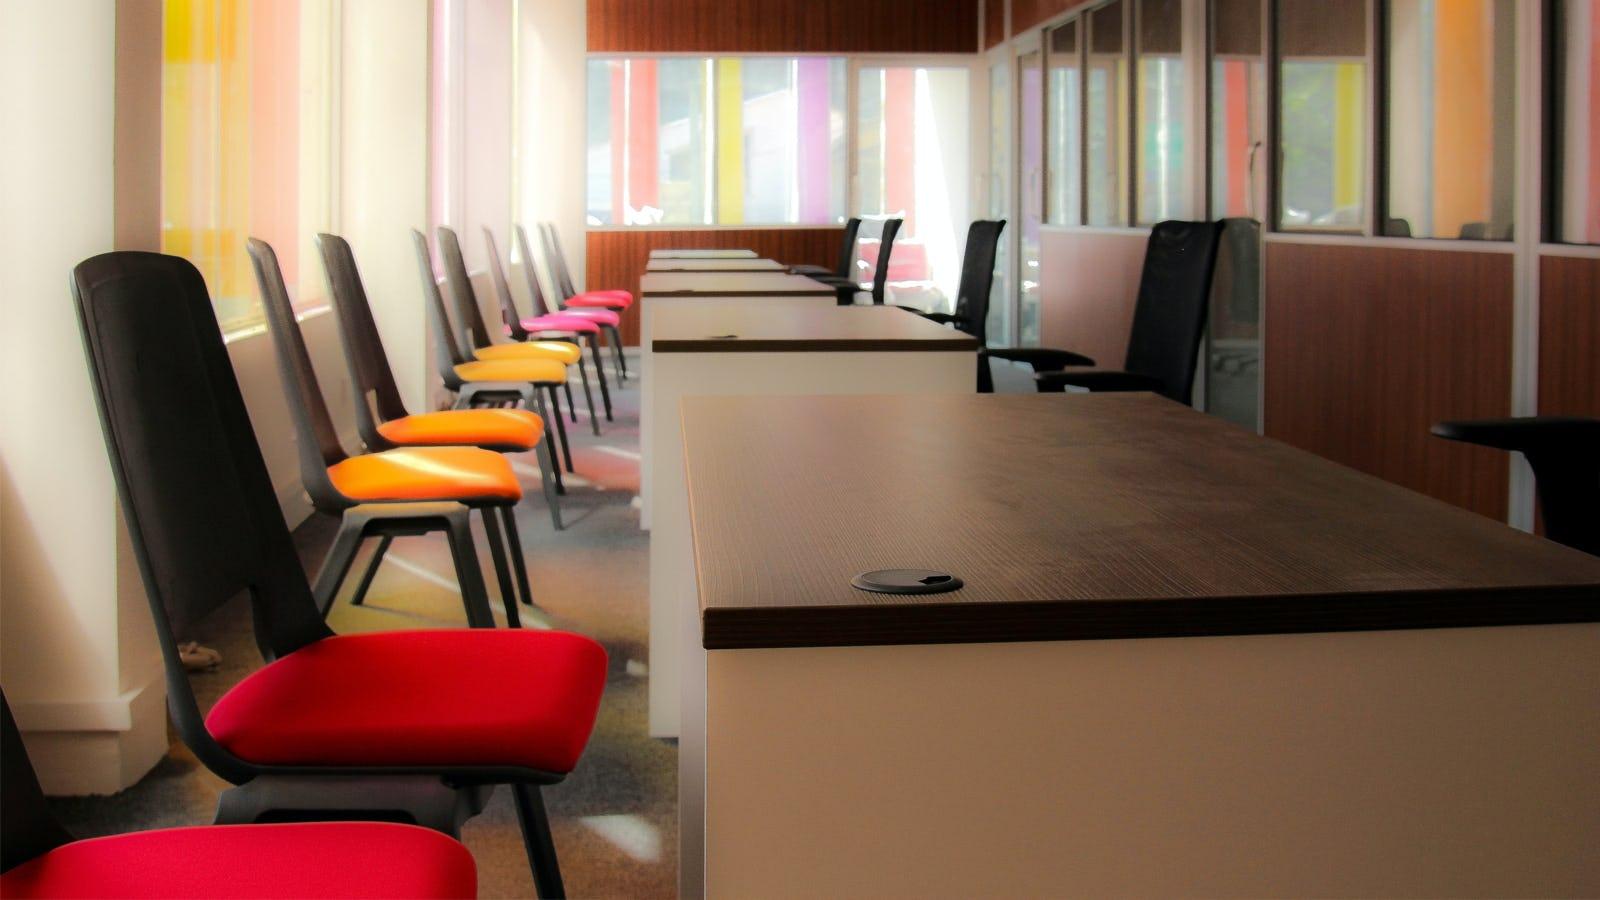 Future centre interior sri lanka 09